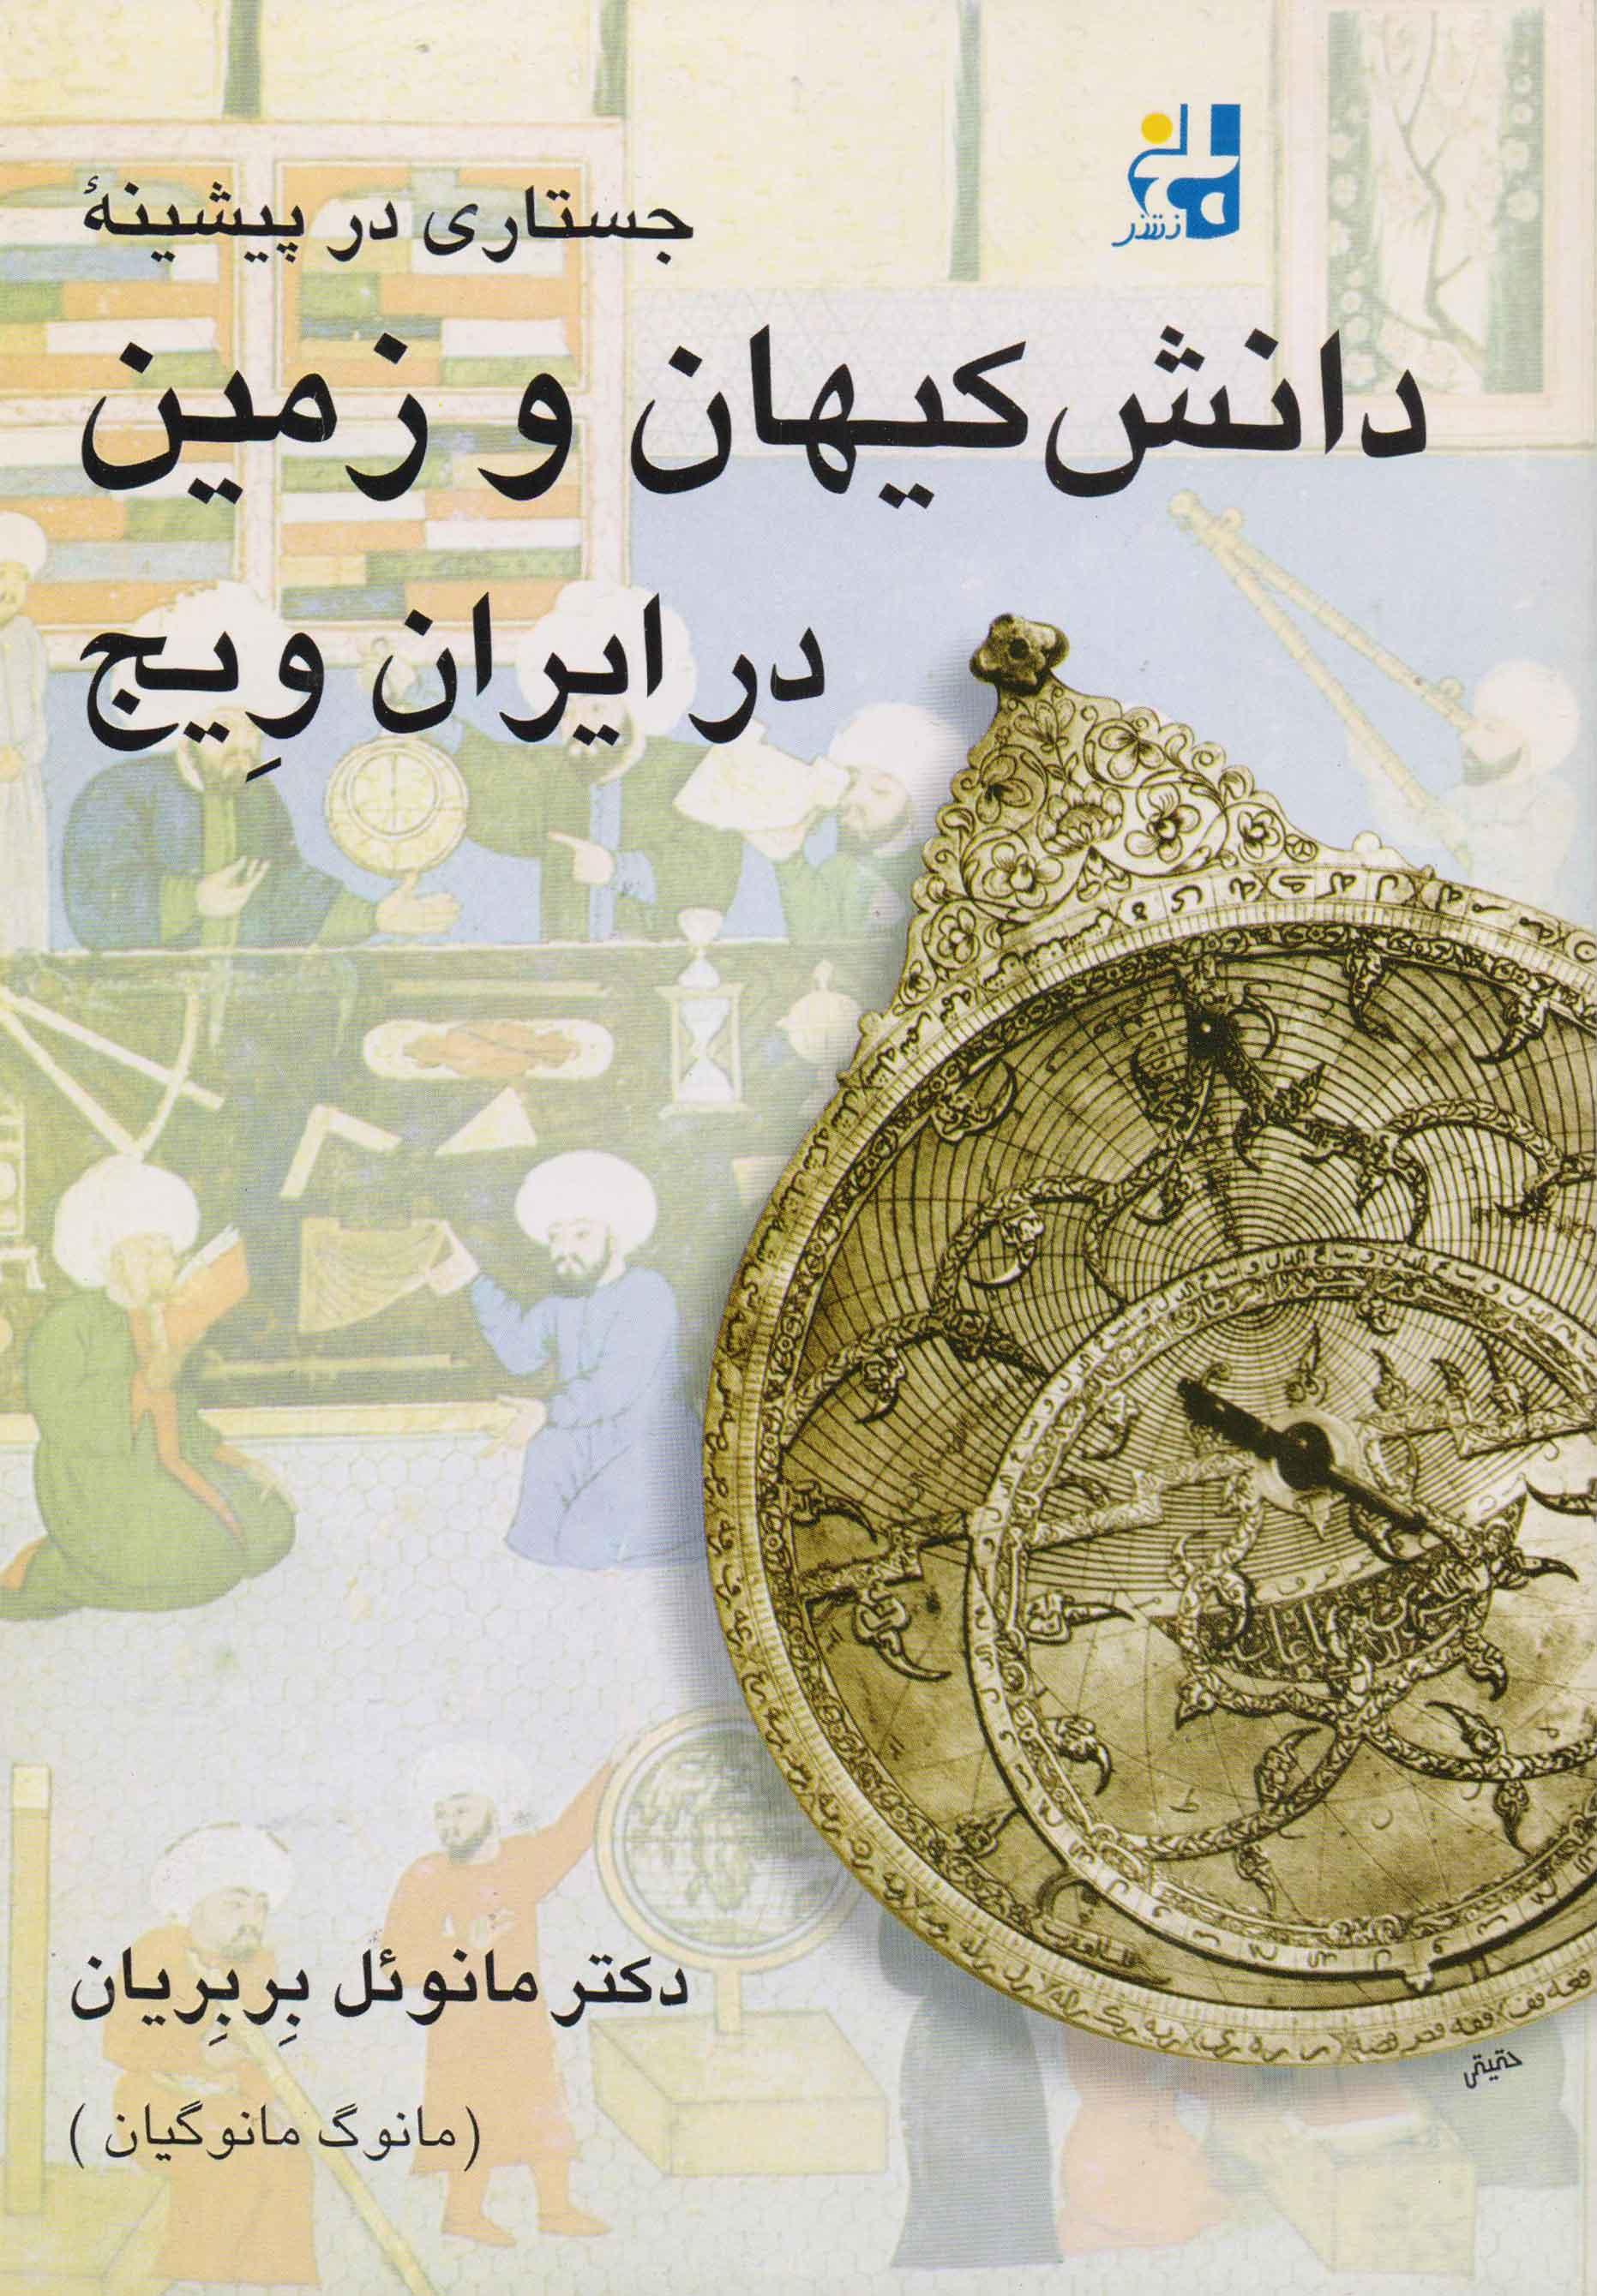 کتاب دانش کیهان و زمین در ایران ویج